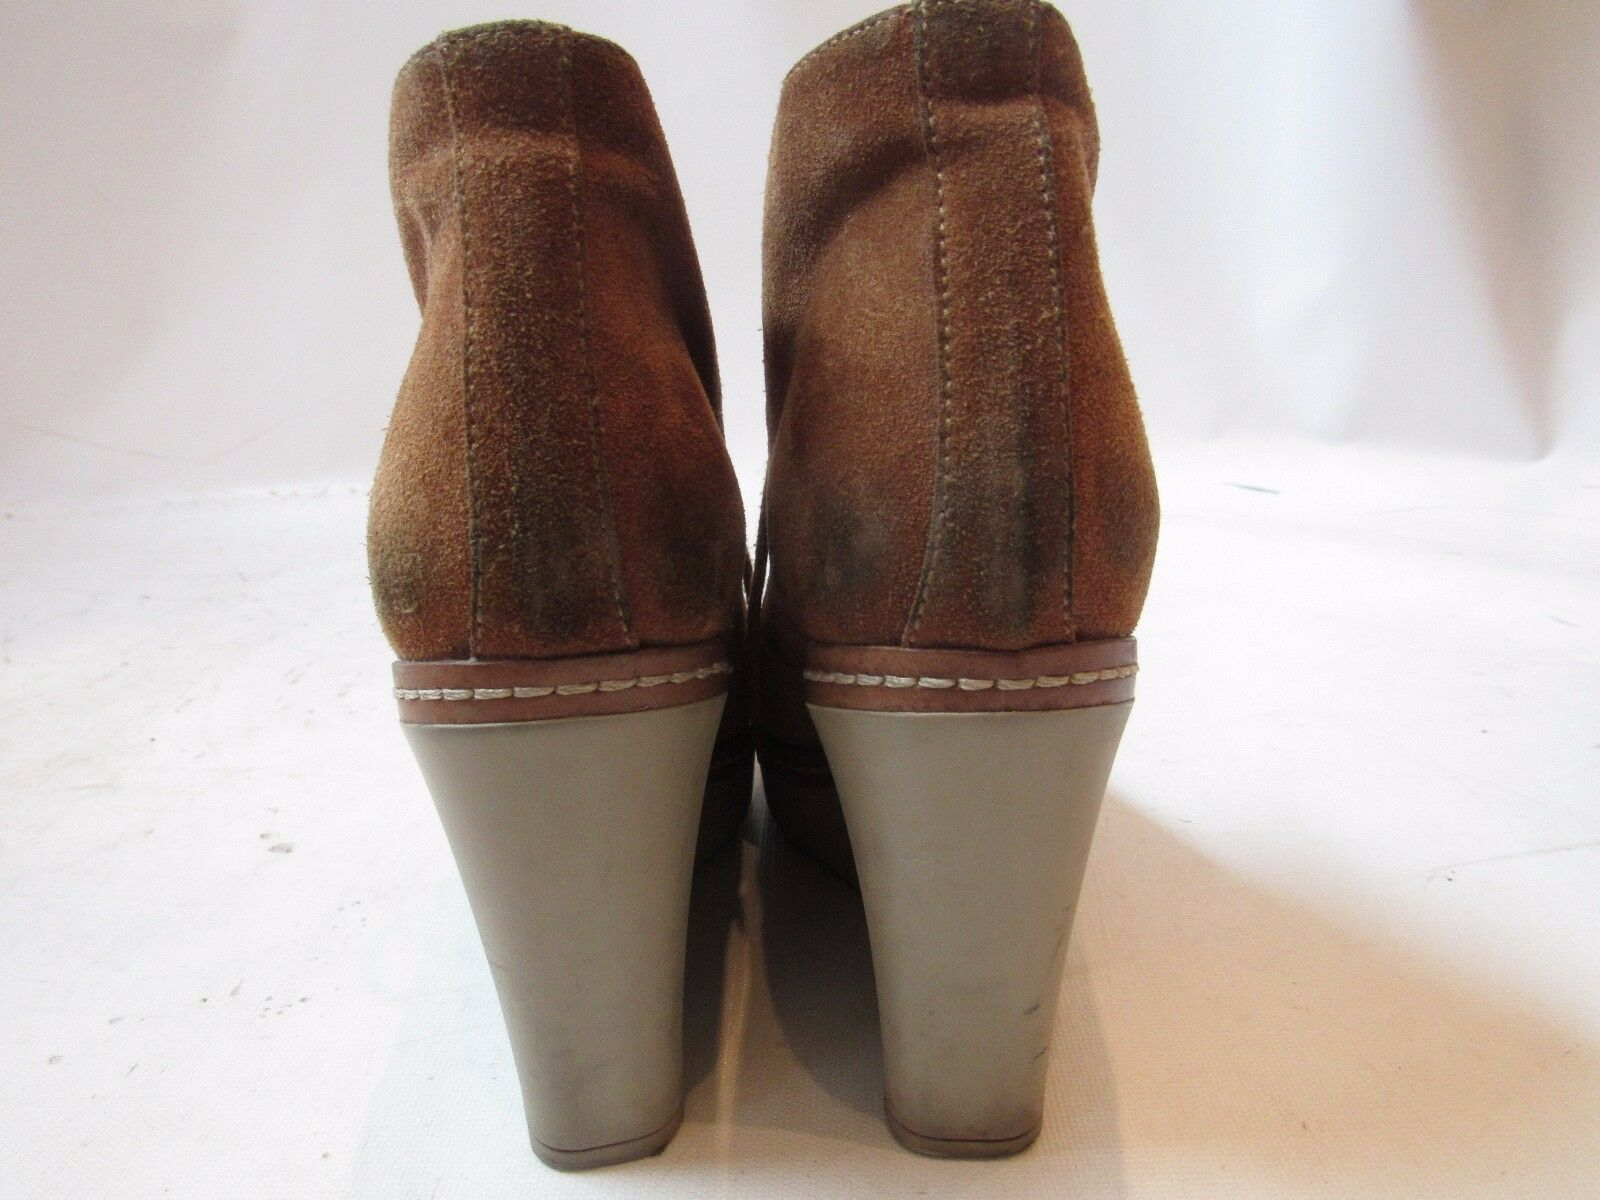 Ankle 290 Castaner  Brown Suede Wedge Ankle  Platform Stivali Size 38 405d38